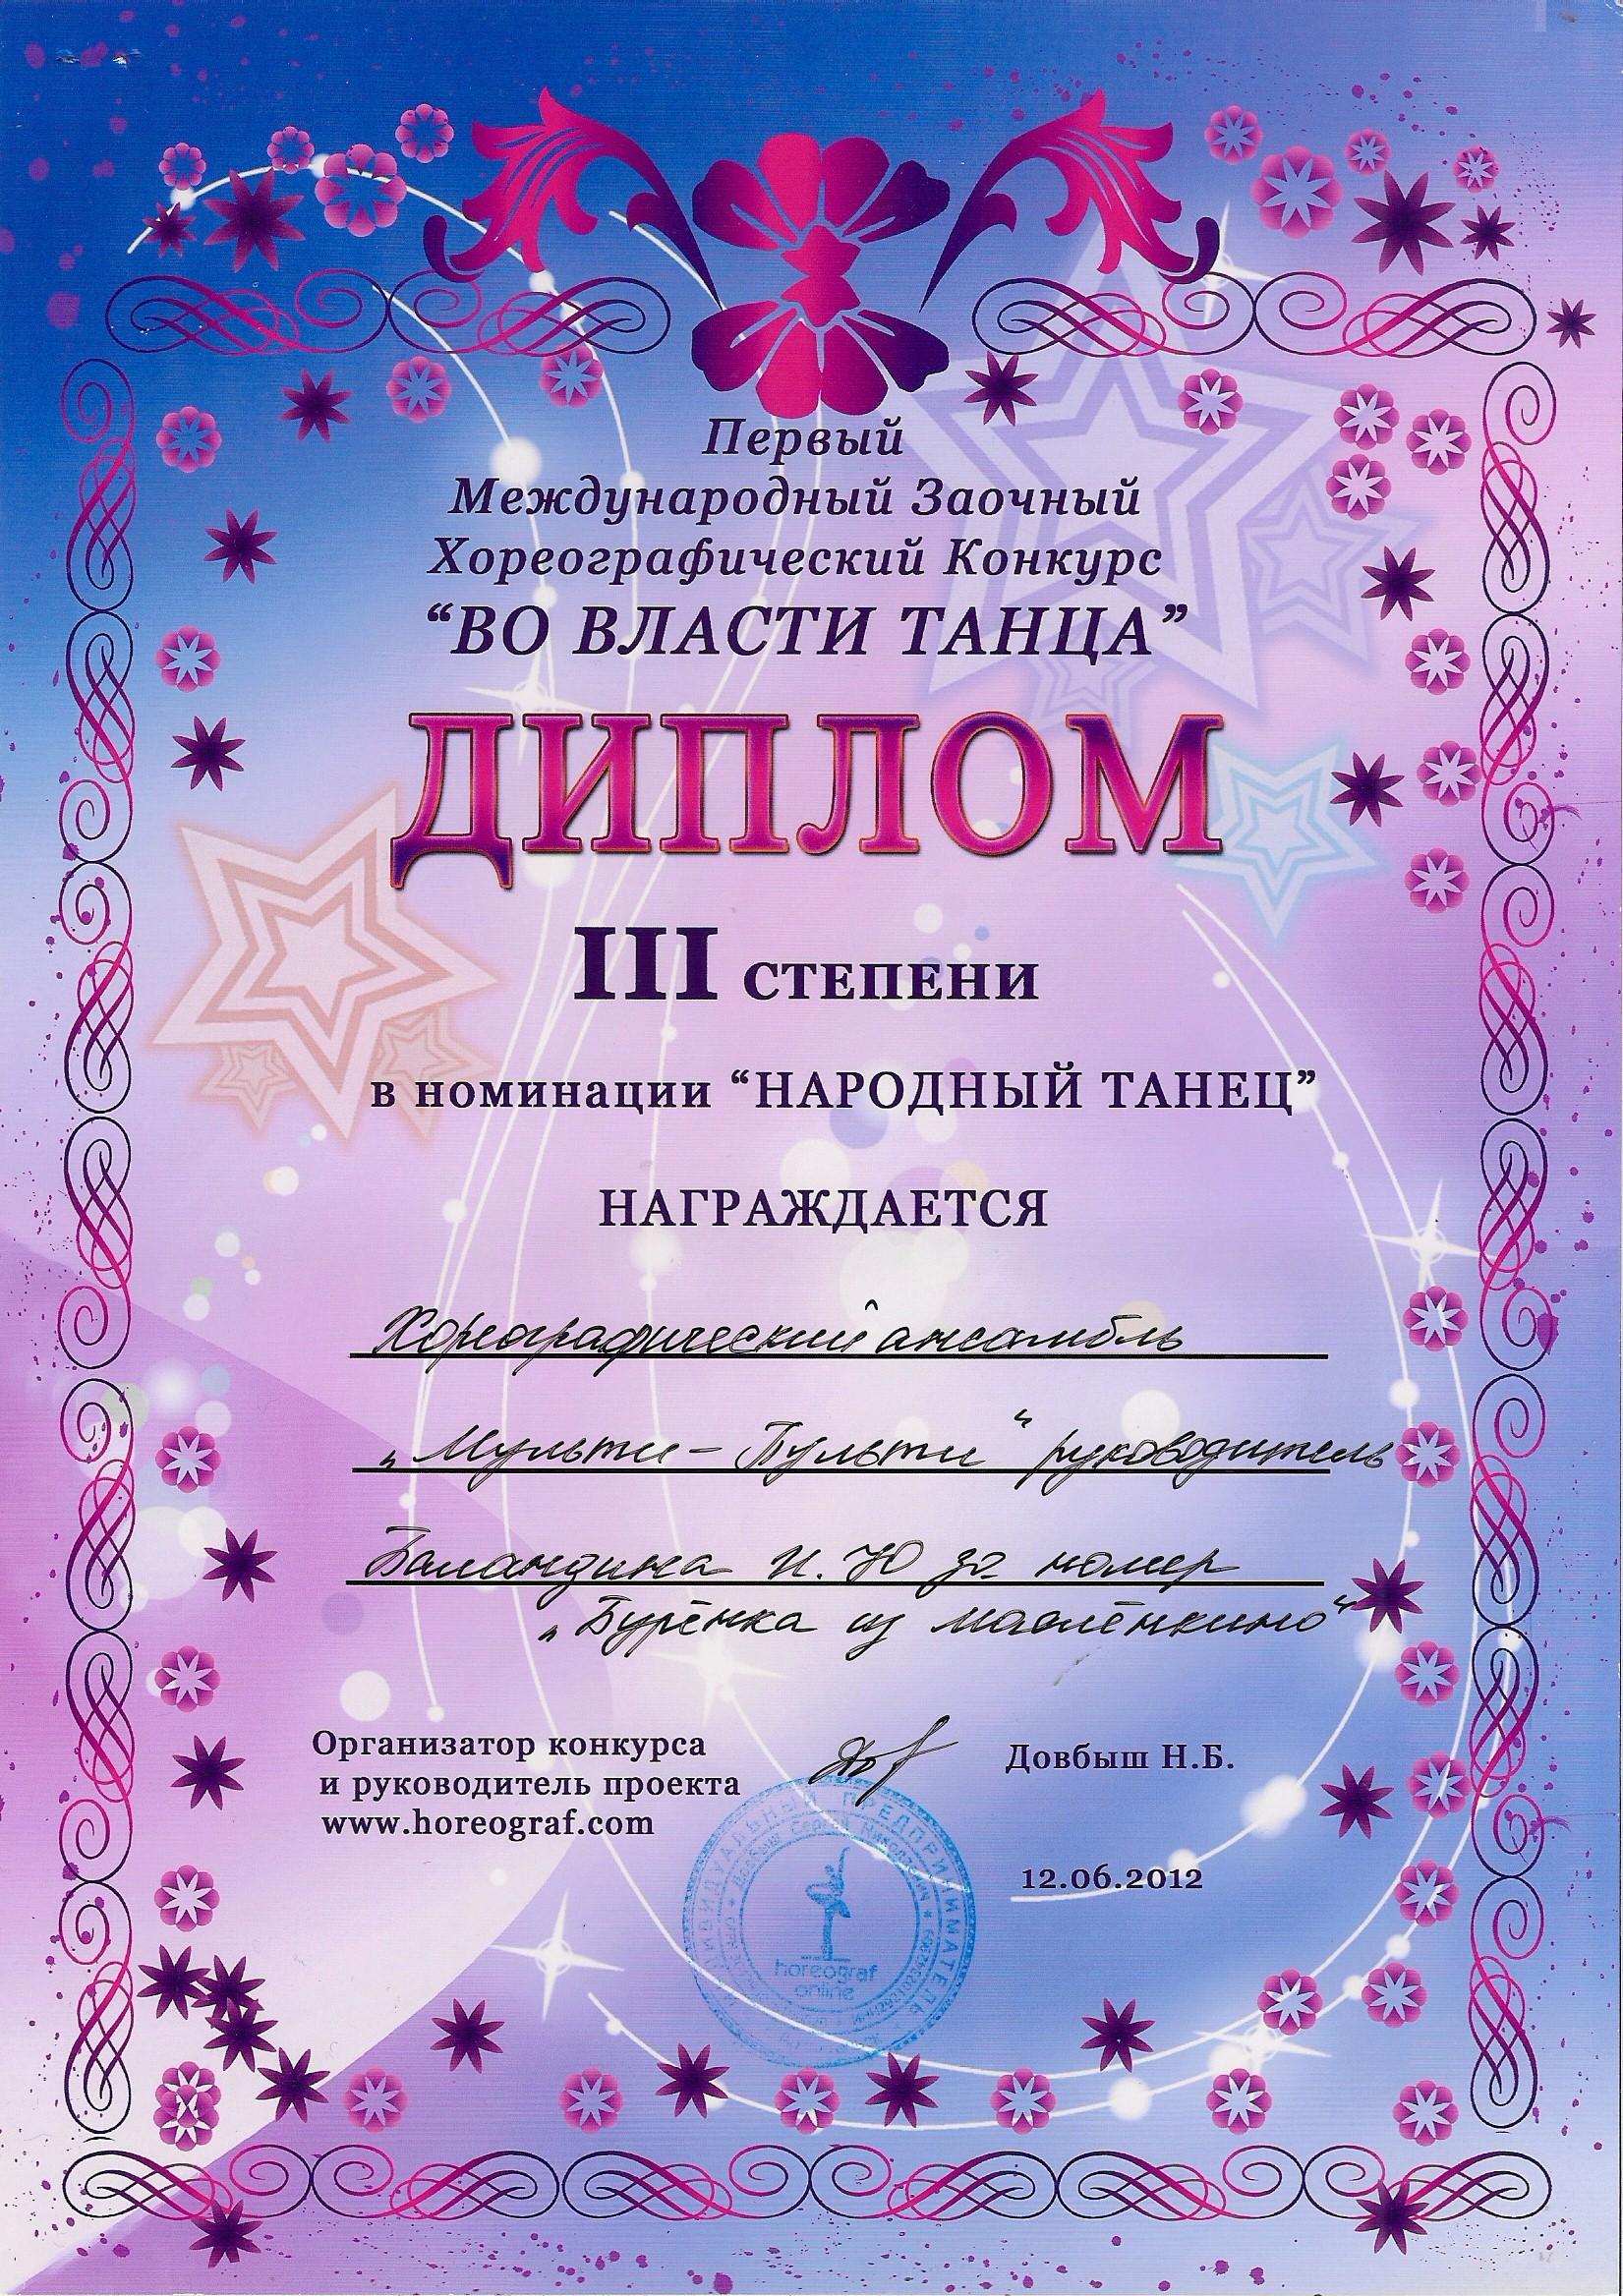 Заочные хореографические конкурсы